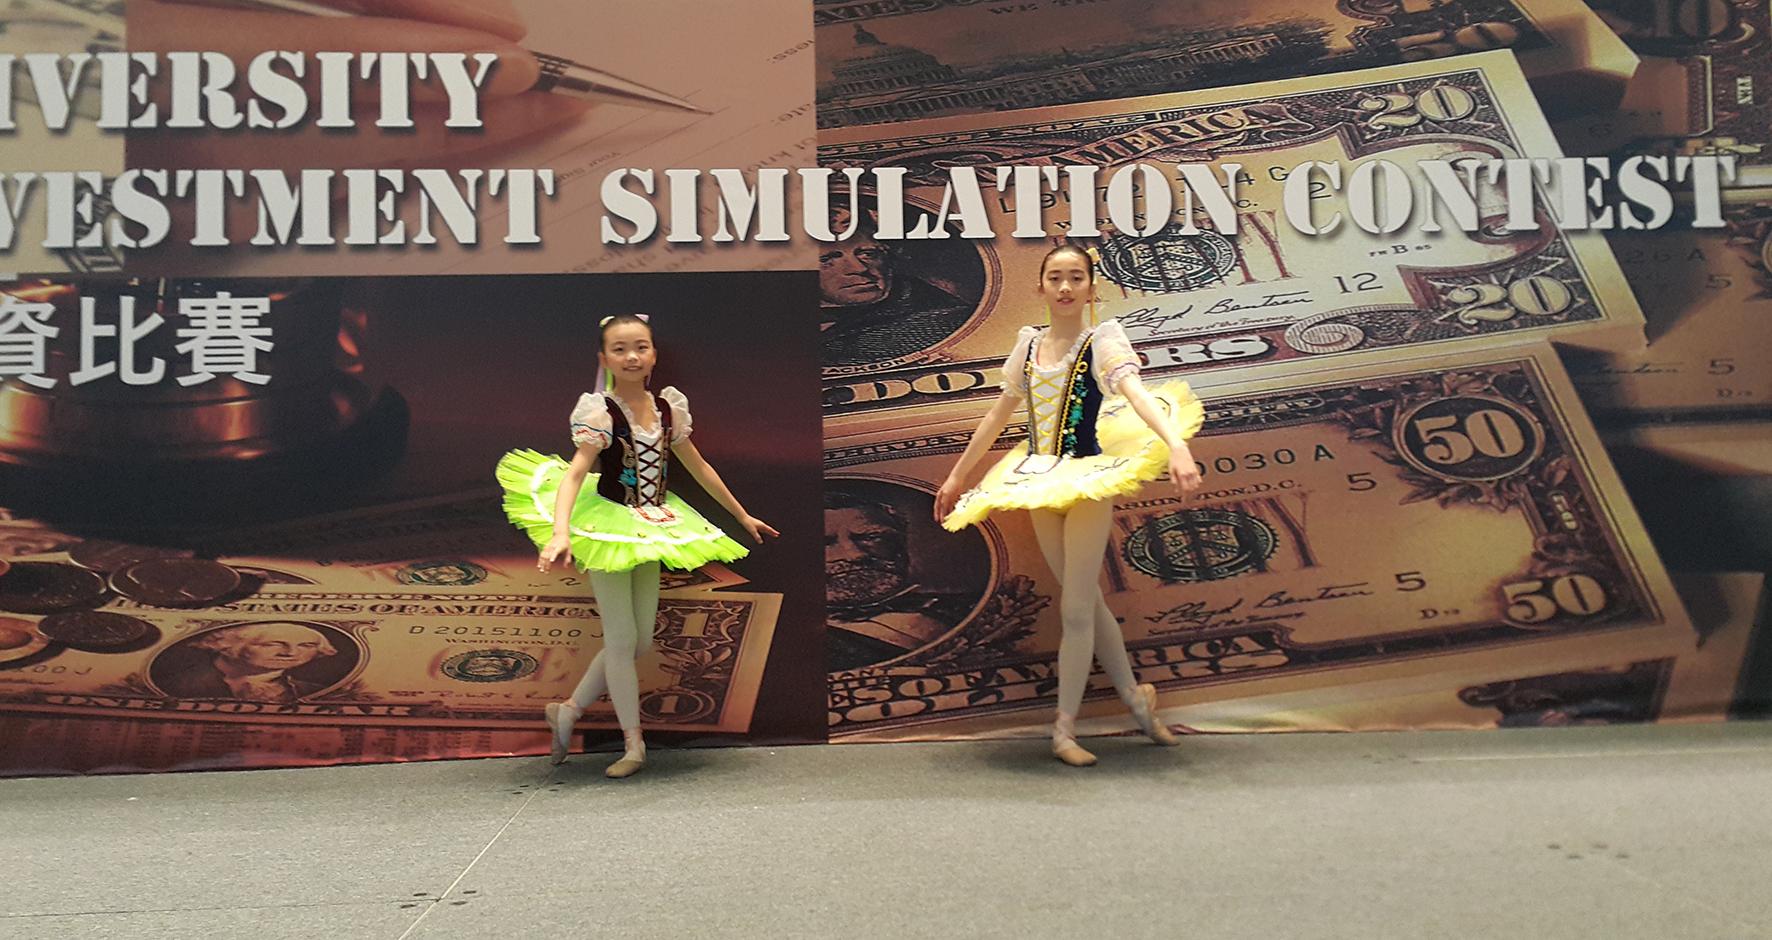 聯校外匯模擬投資比賽開幕典禮